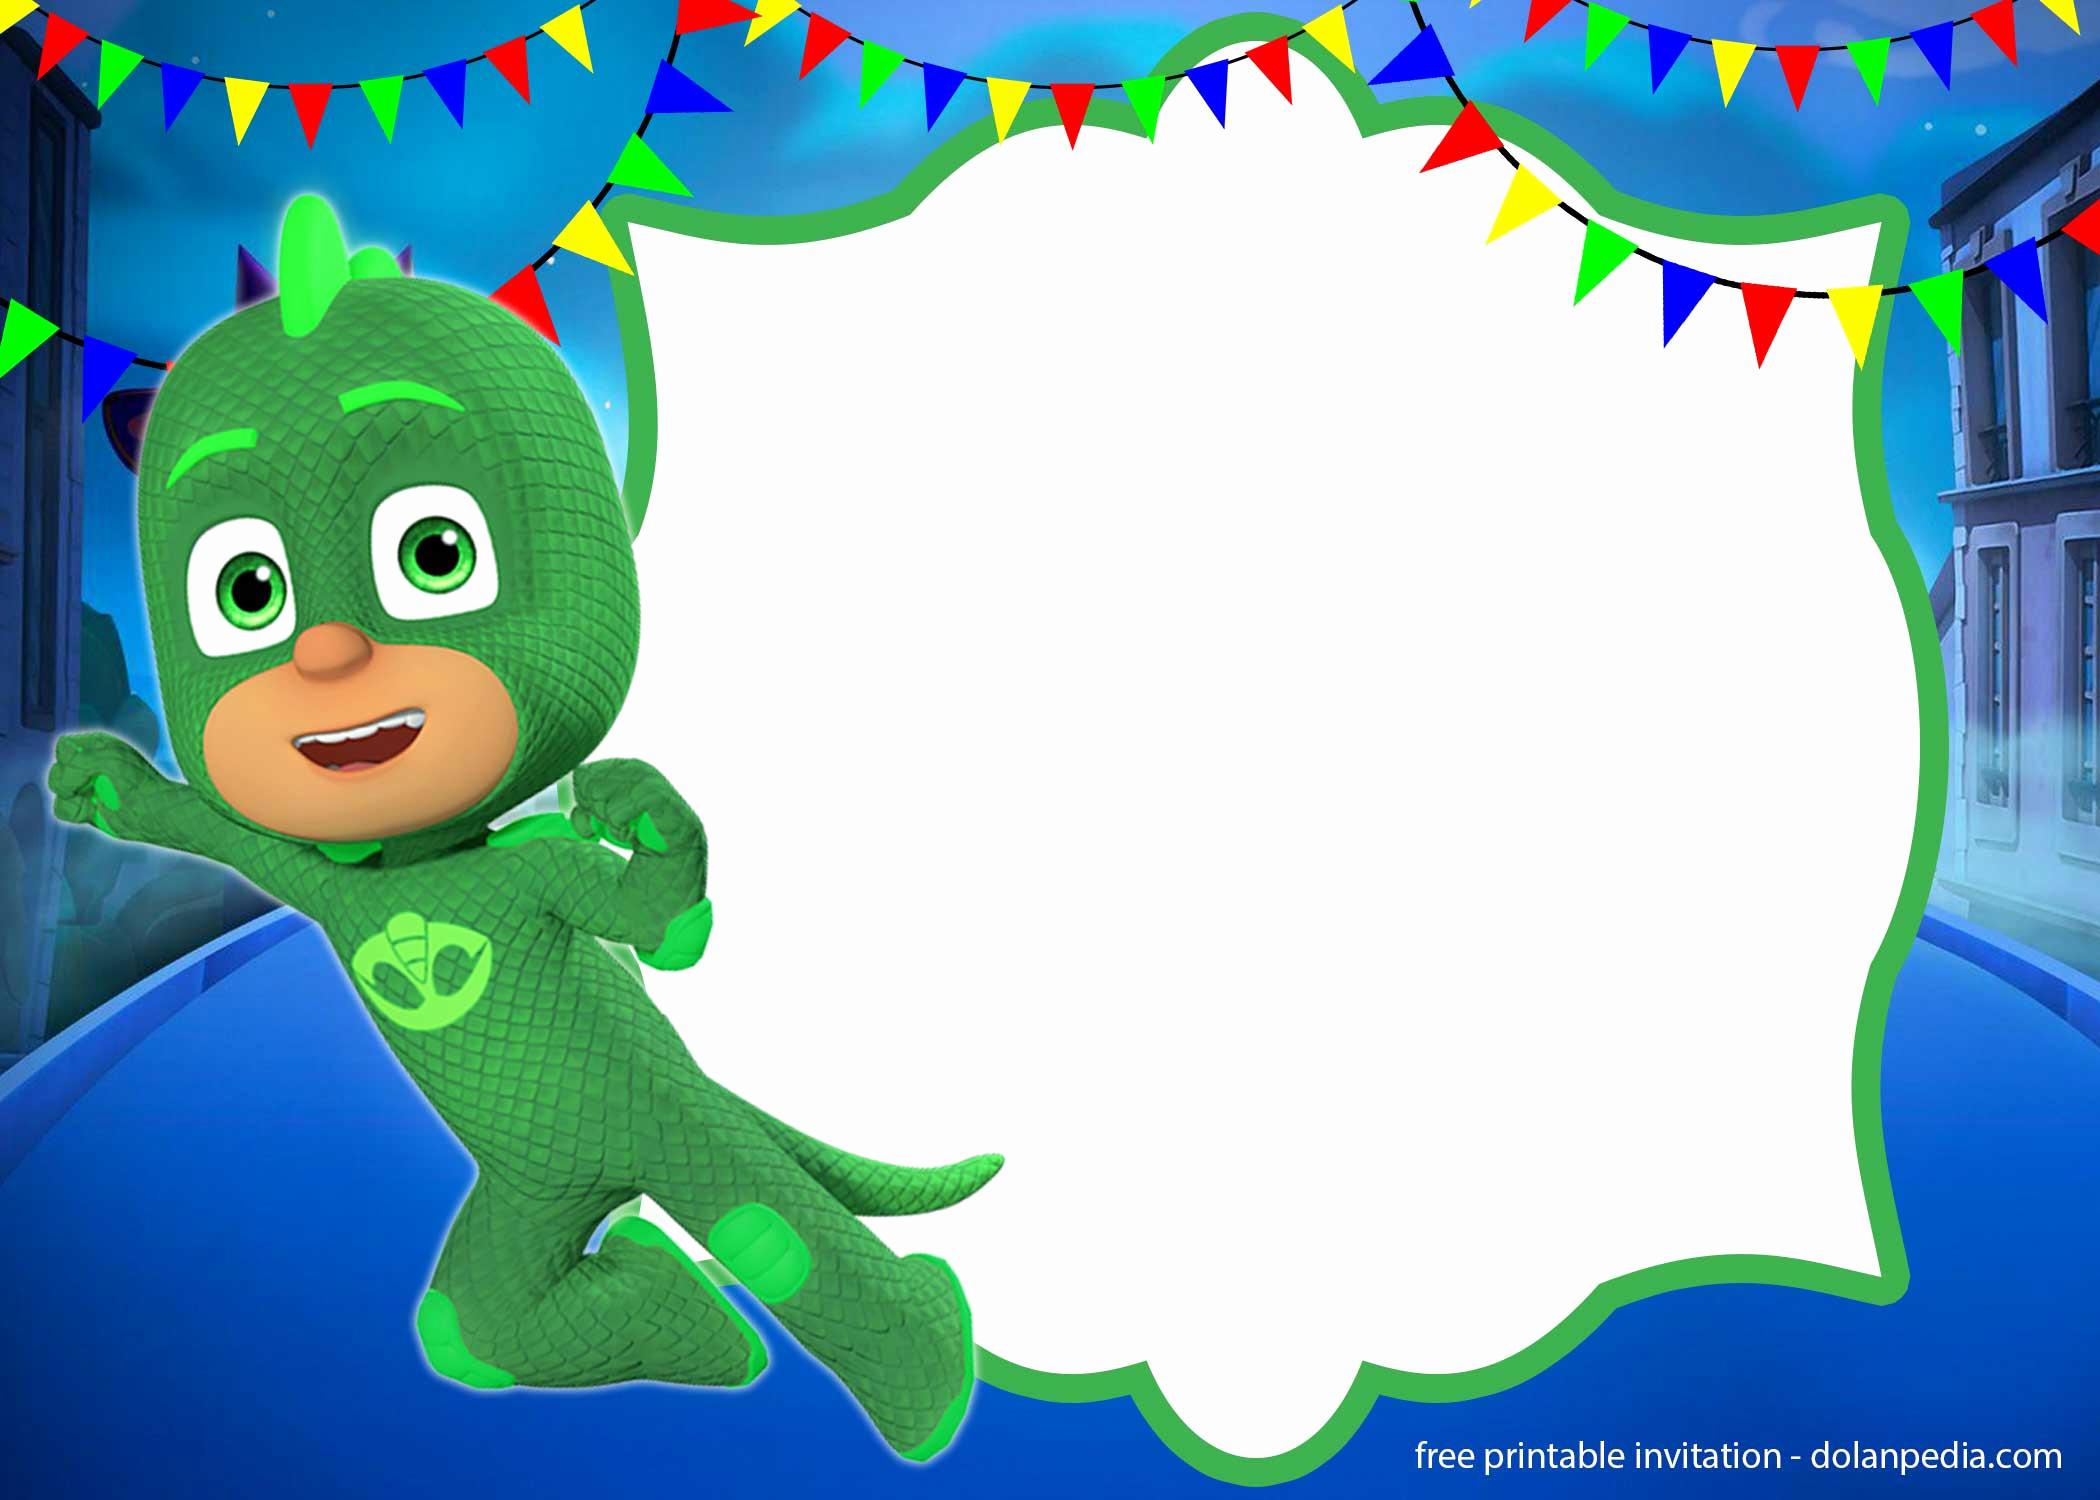 Pj Mask Birthday Invitation Template Unique Free Pj Masks Invitation Templates – Editable and